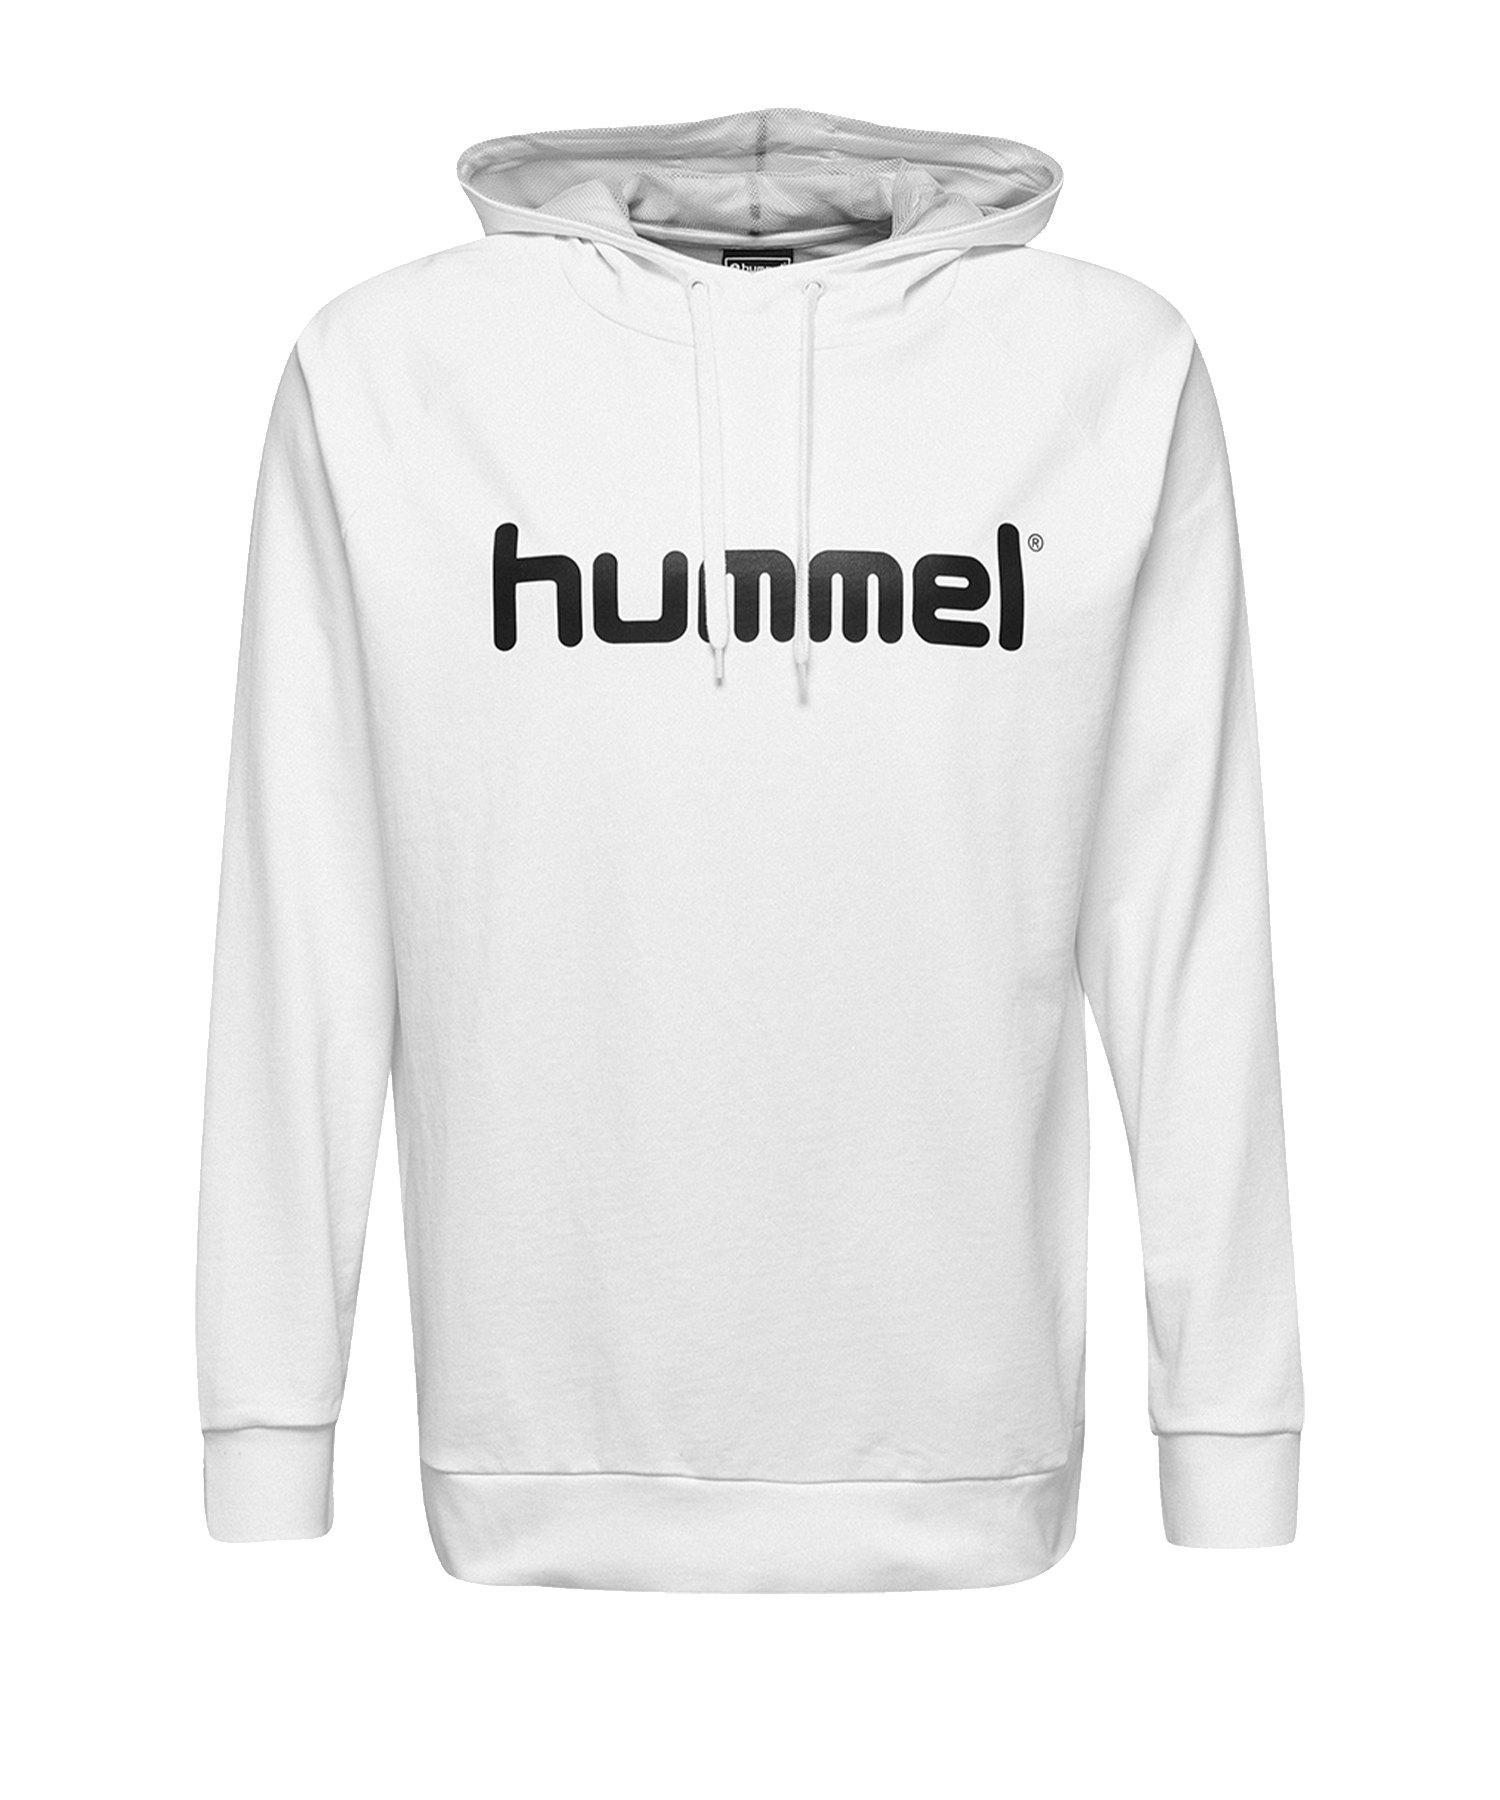 Hummel Cotton Logo Hoody Weiss F9001 - Weiss